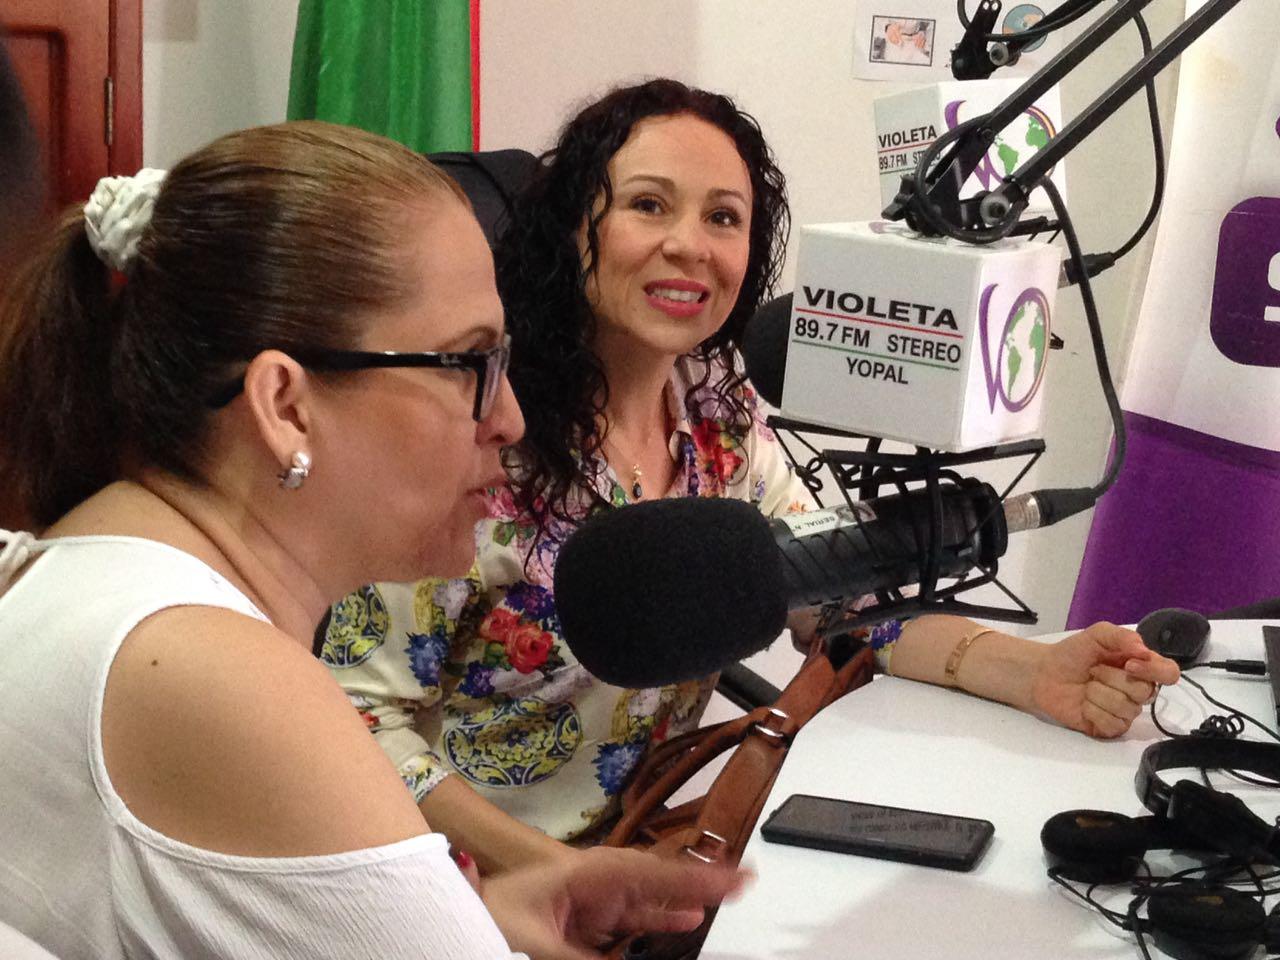 #EnAudio Colectivos de mujeres invitan a debate de equidad de género en Concejo de Yopal